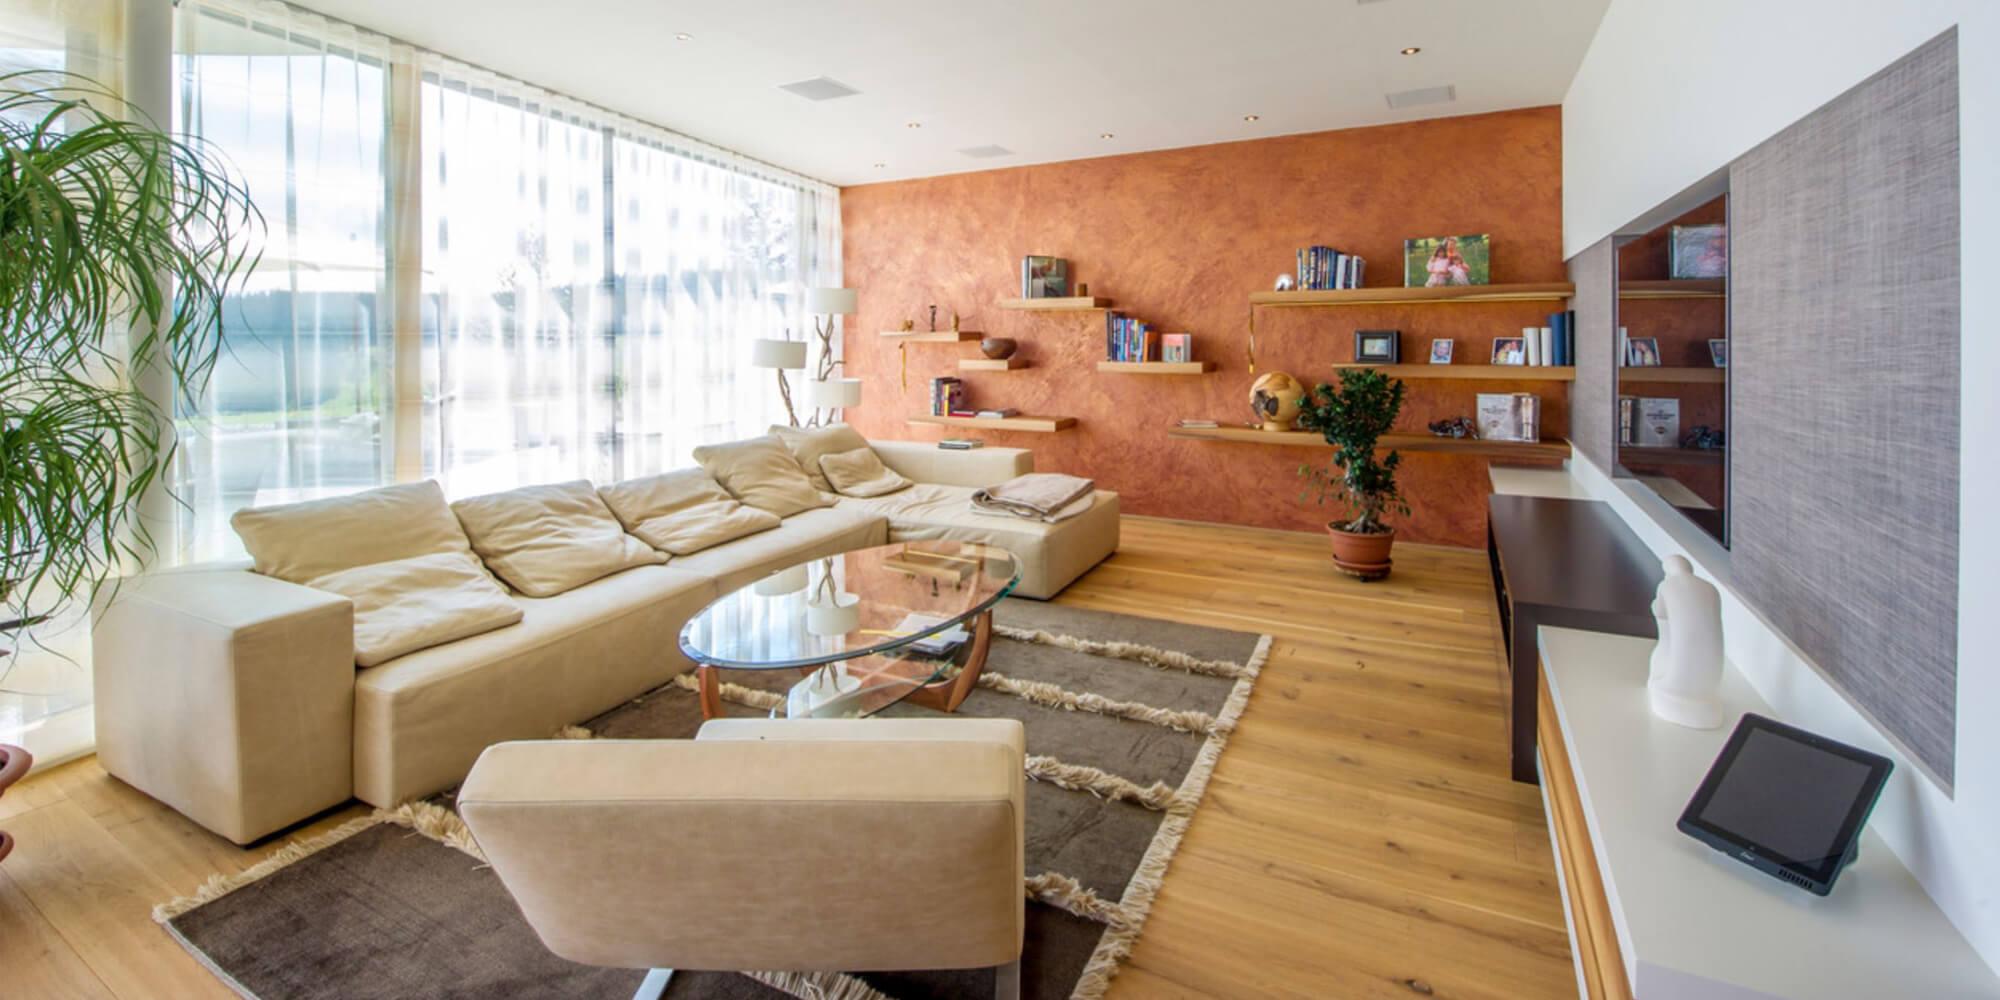 Cre-Plan-Design-Rauch-Frühmann-Architektur-Innenarchitektur-Design-Projekt-Referenz-Innenarchitektur-Möbeldesign-Einrichtung-Wohnen-1